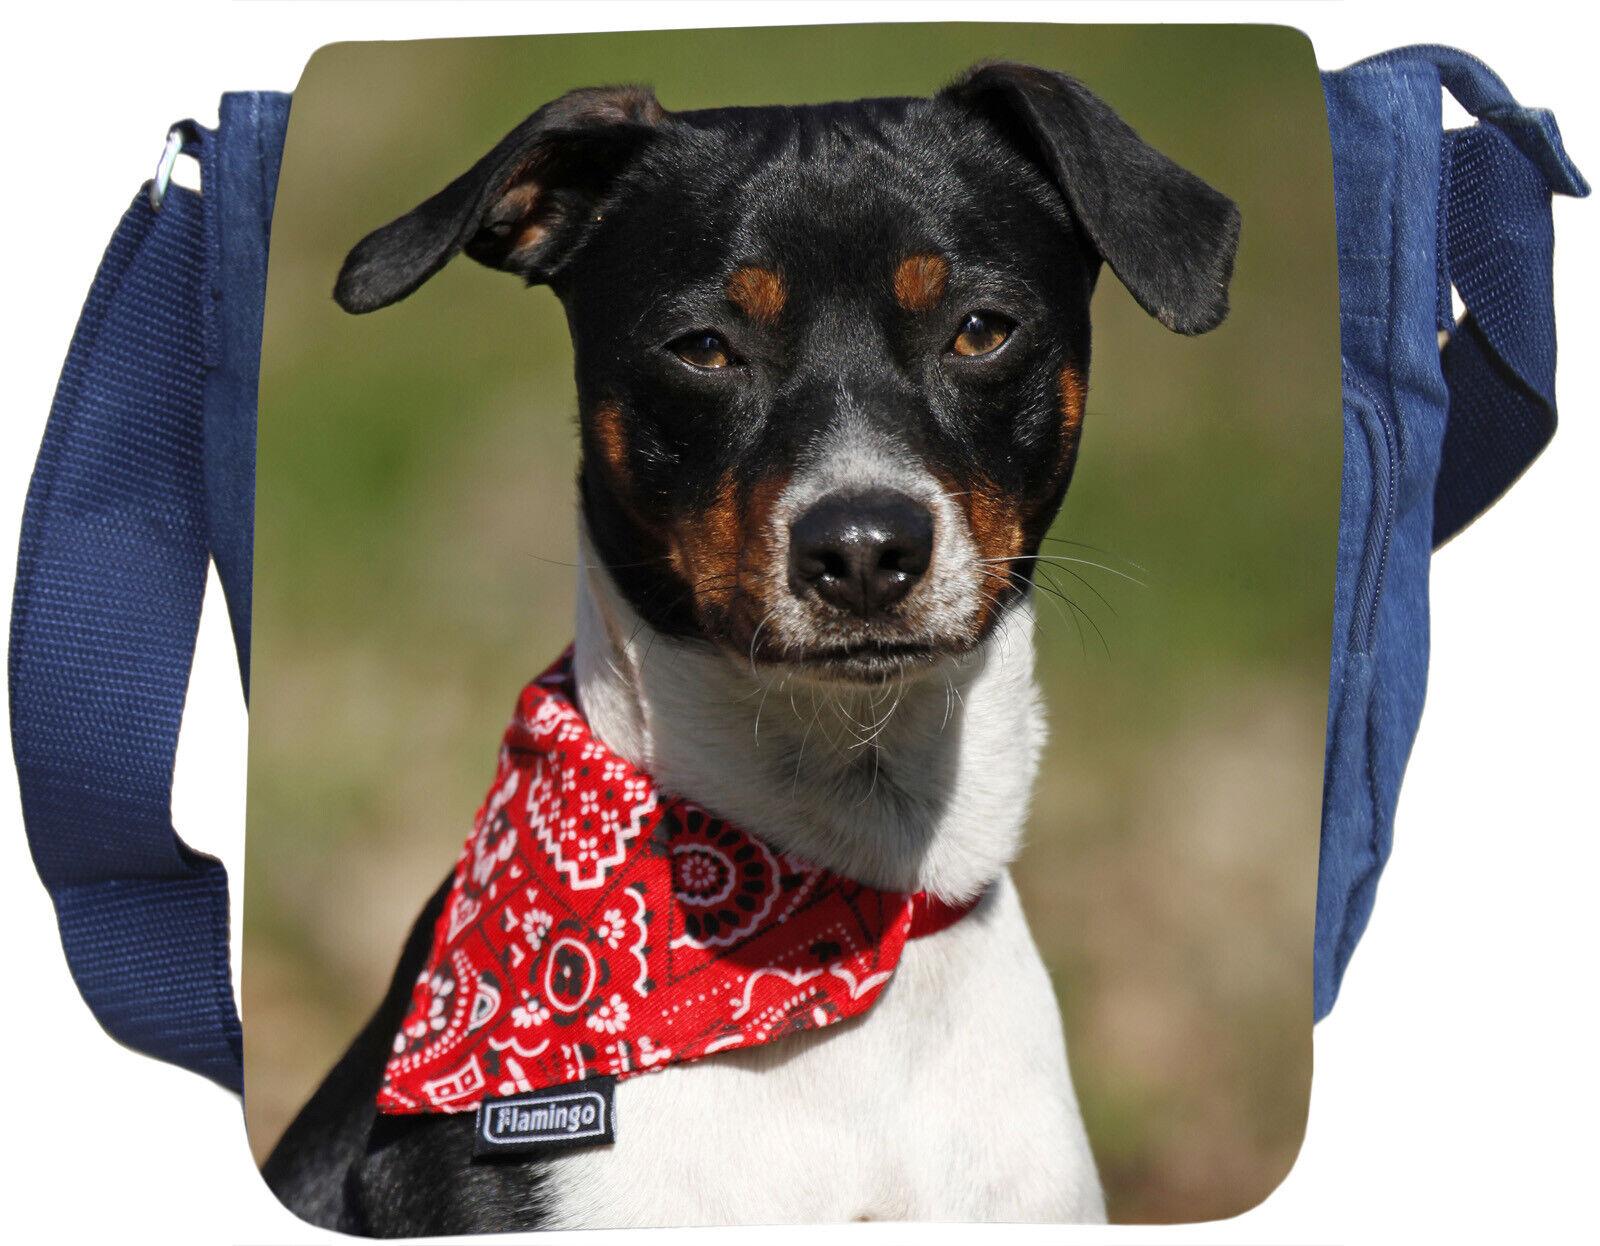 Danks Svenks Gaardshund - - - SCHULTERTASCHE Tasche Umhängetasche JEANS - DSF 01 | Moderner Modus  | Ausgezeichnet  | Jeder beschriebene Artikel ist verfügbar  0e50e0